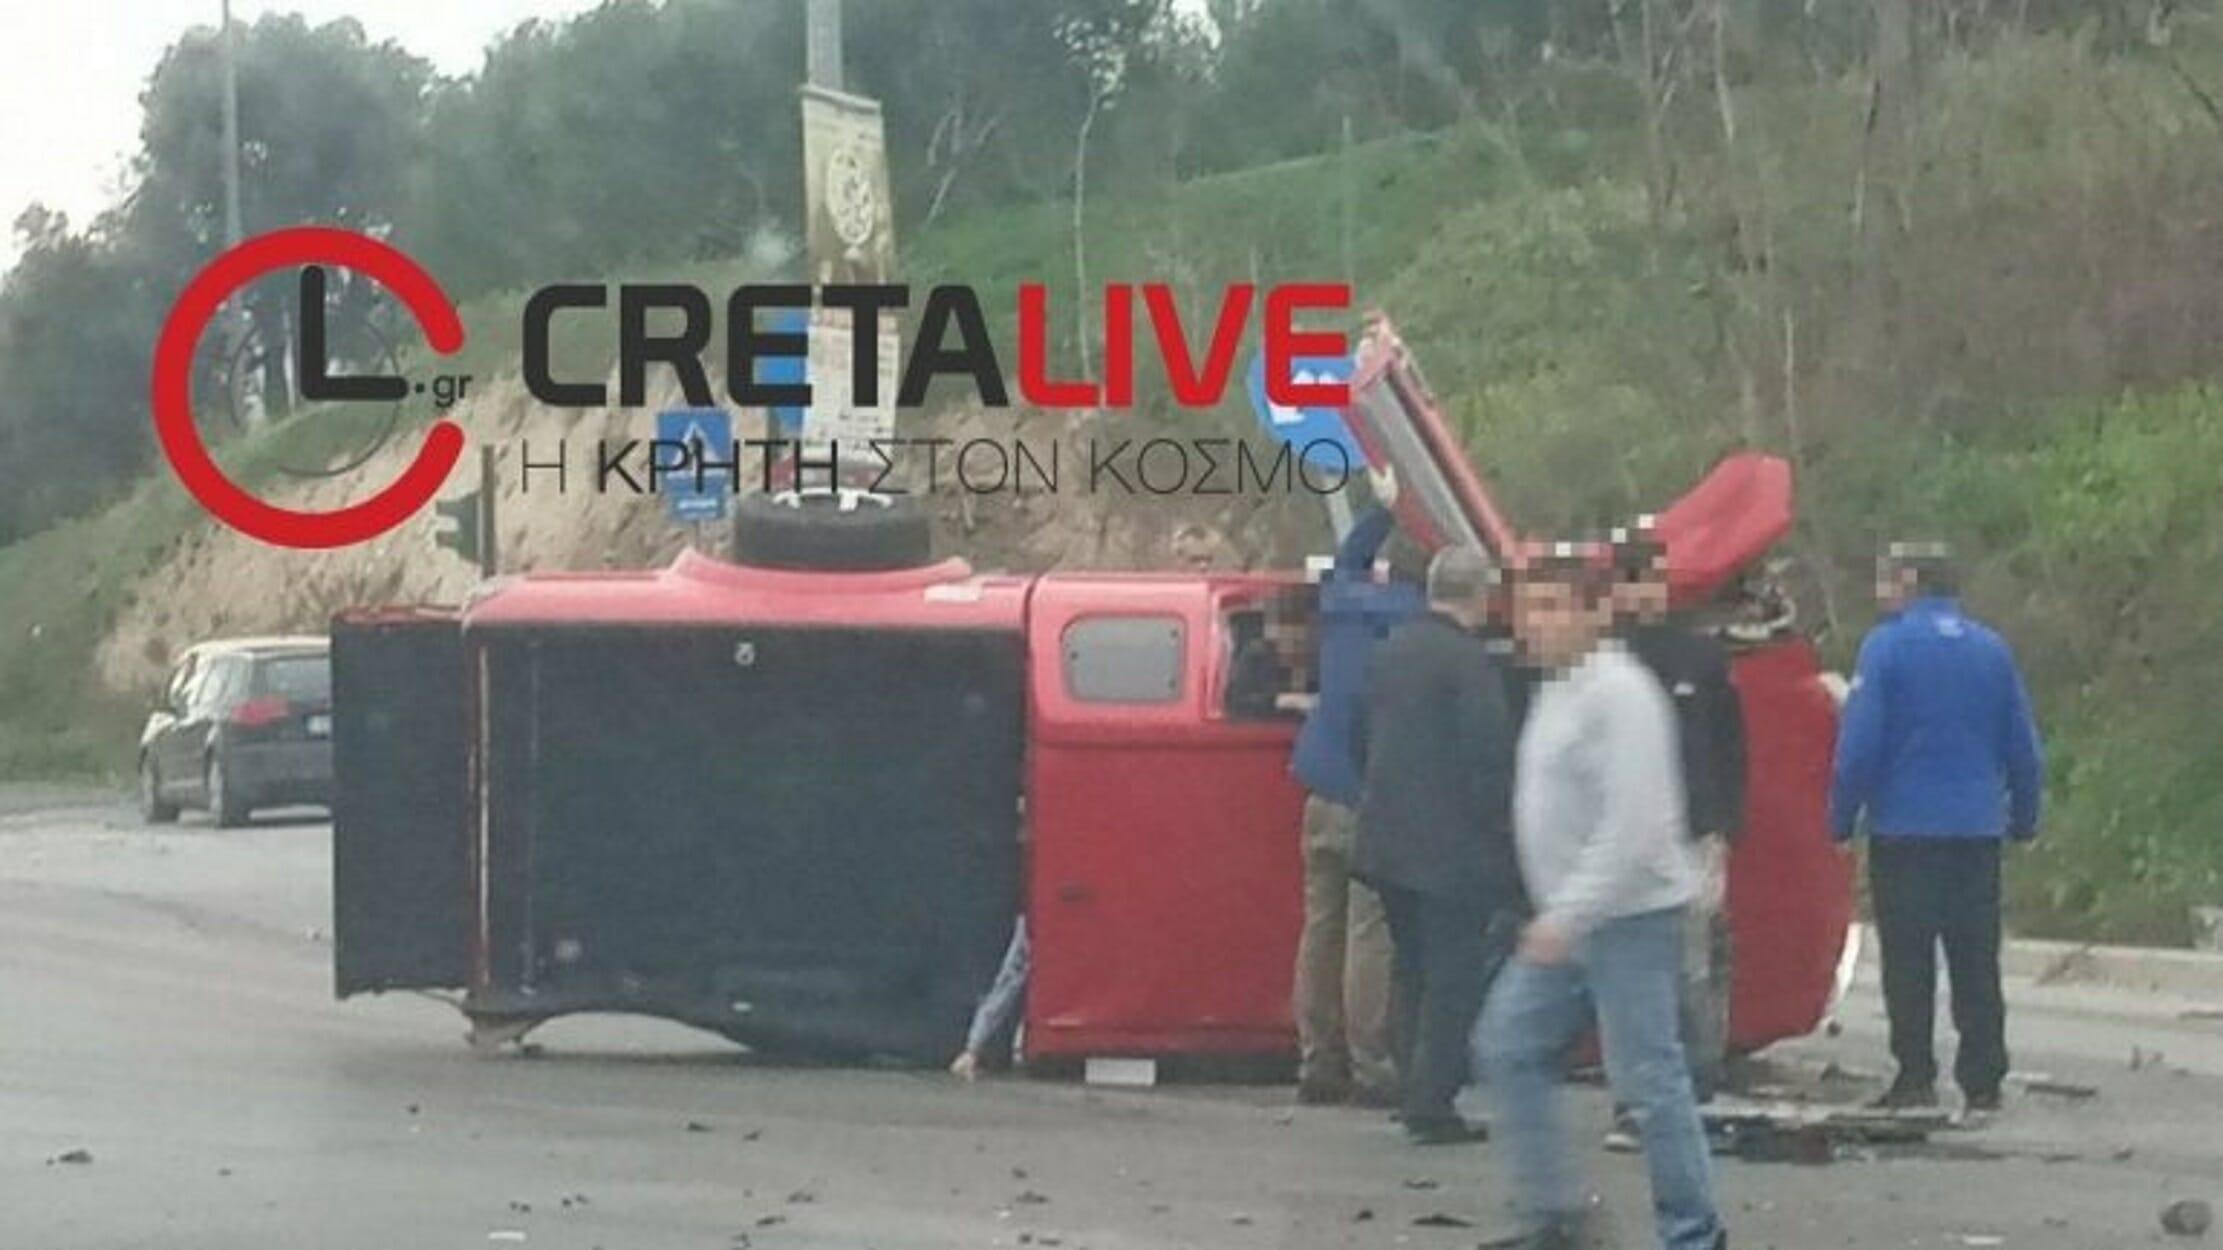 Σοκαριστικές εικόνες από τροχαίο στο Ηράκλειο - Τέσσερις τραυματίες σε πλαγιομετωπική σύγκρουση